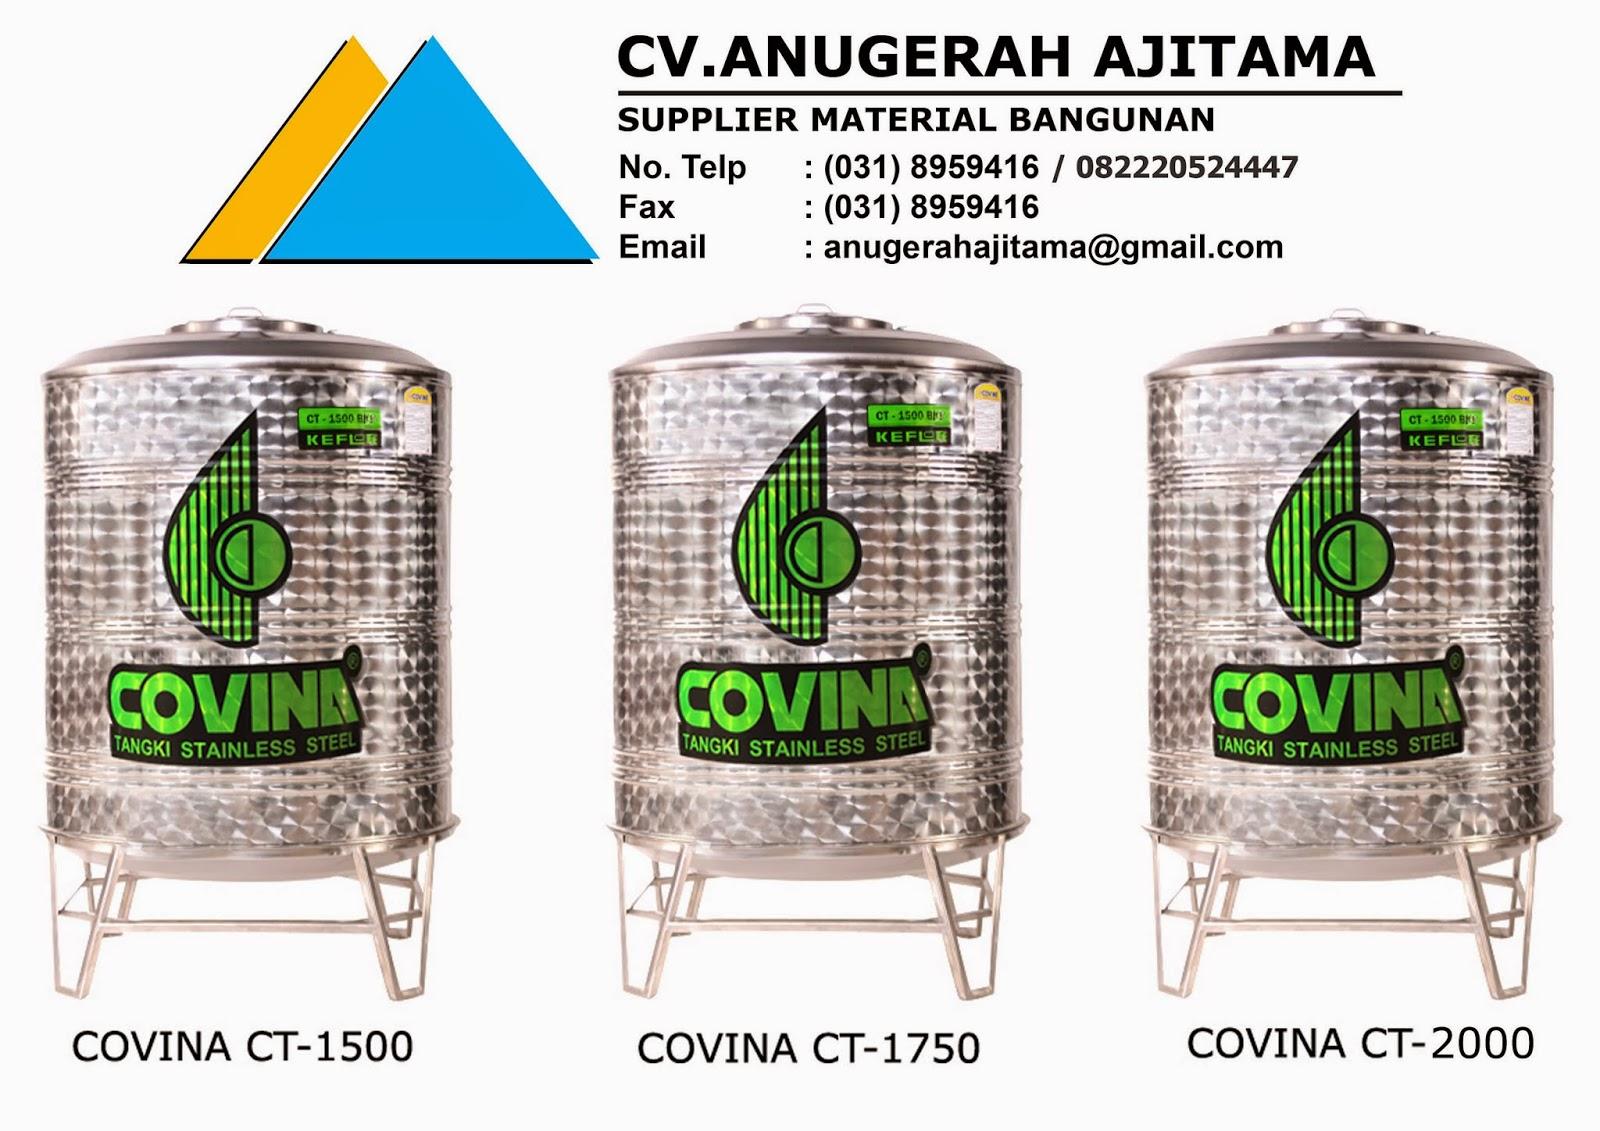 TANDON AIR COVINA CT-1500, COVINA CT-1750 DAN CT-2000